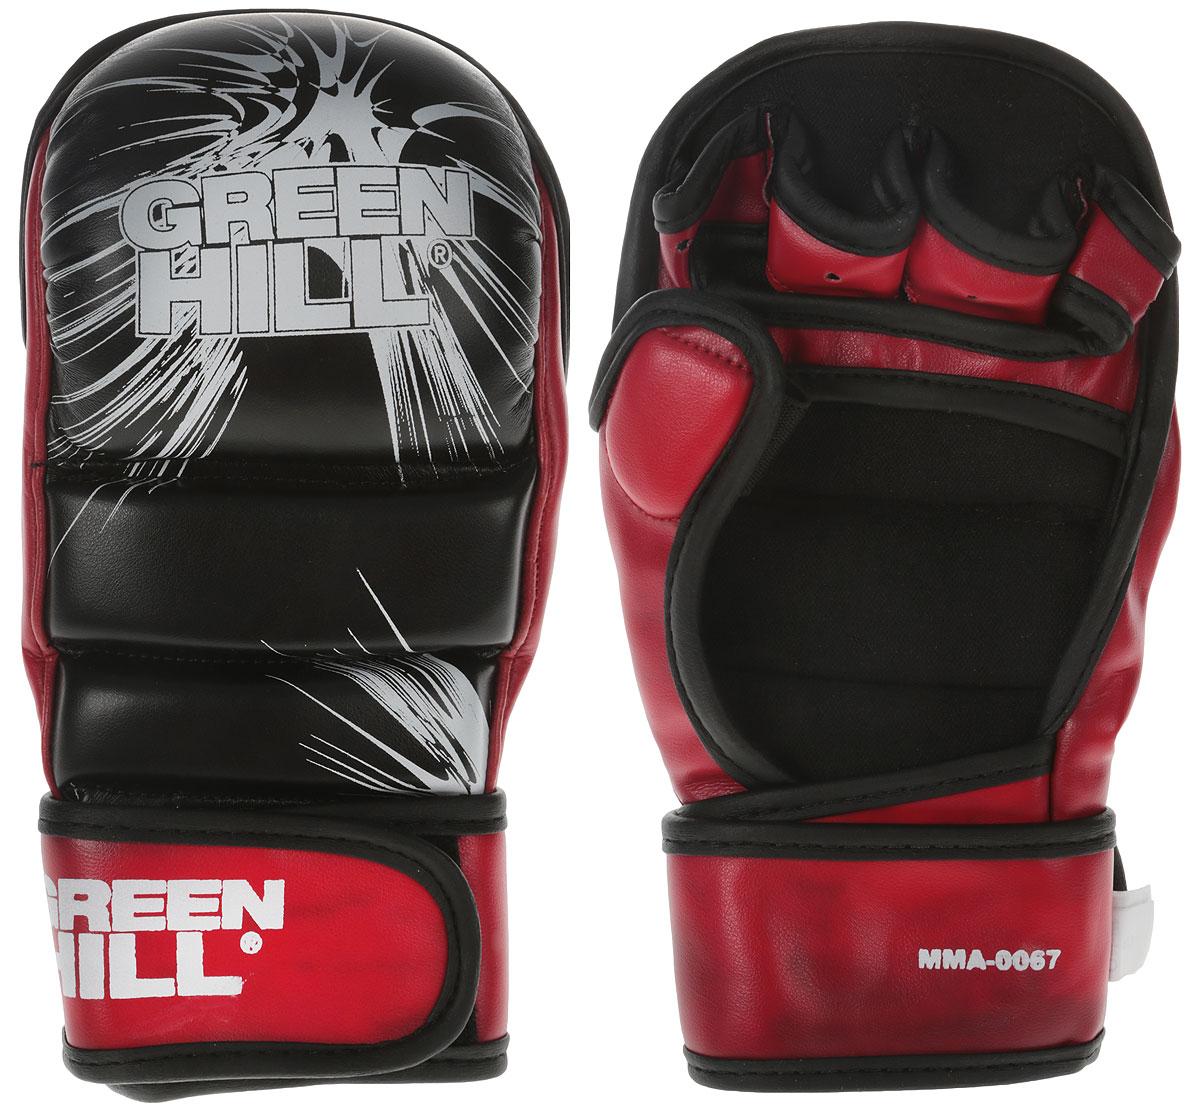 Перчатки для единоборств Green Hill ММА, цвет: черный, красный. Размер S перчатки для рукопашного боя green hill цвет черный размер xl pg 2045